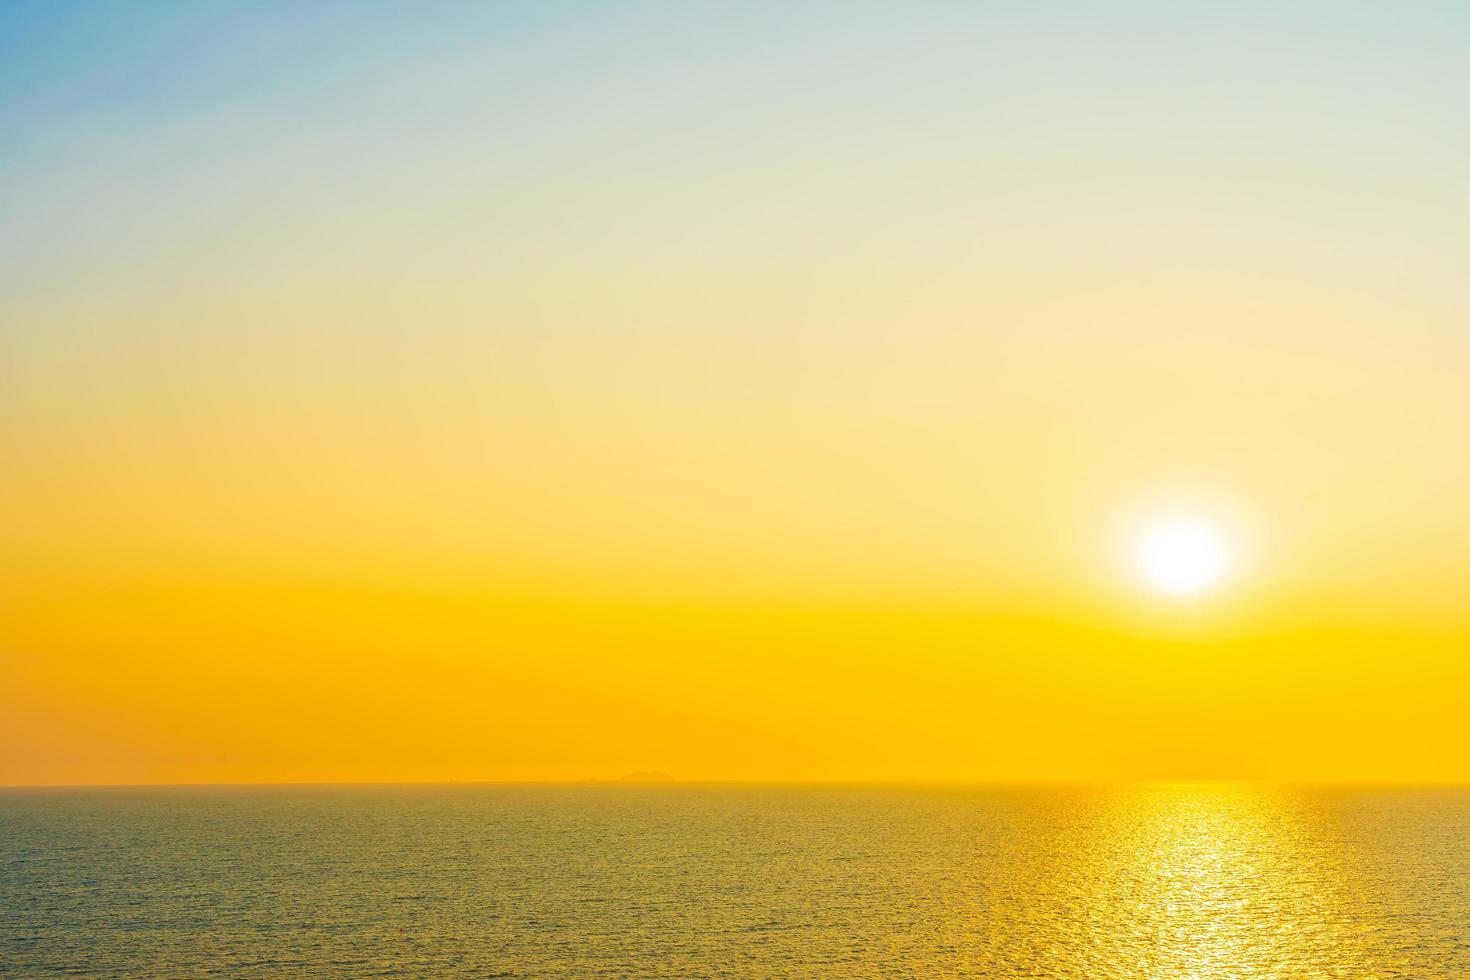 lindo pôr do sol ou nascer do sol no oceano foto